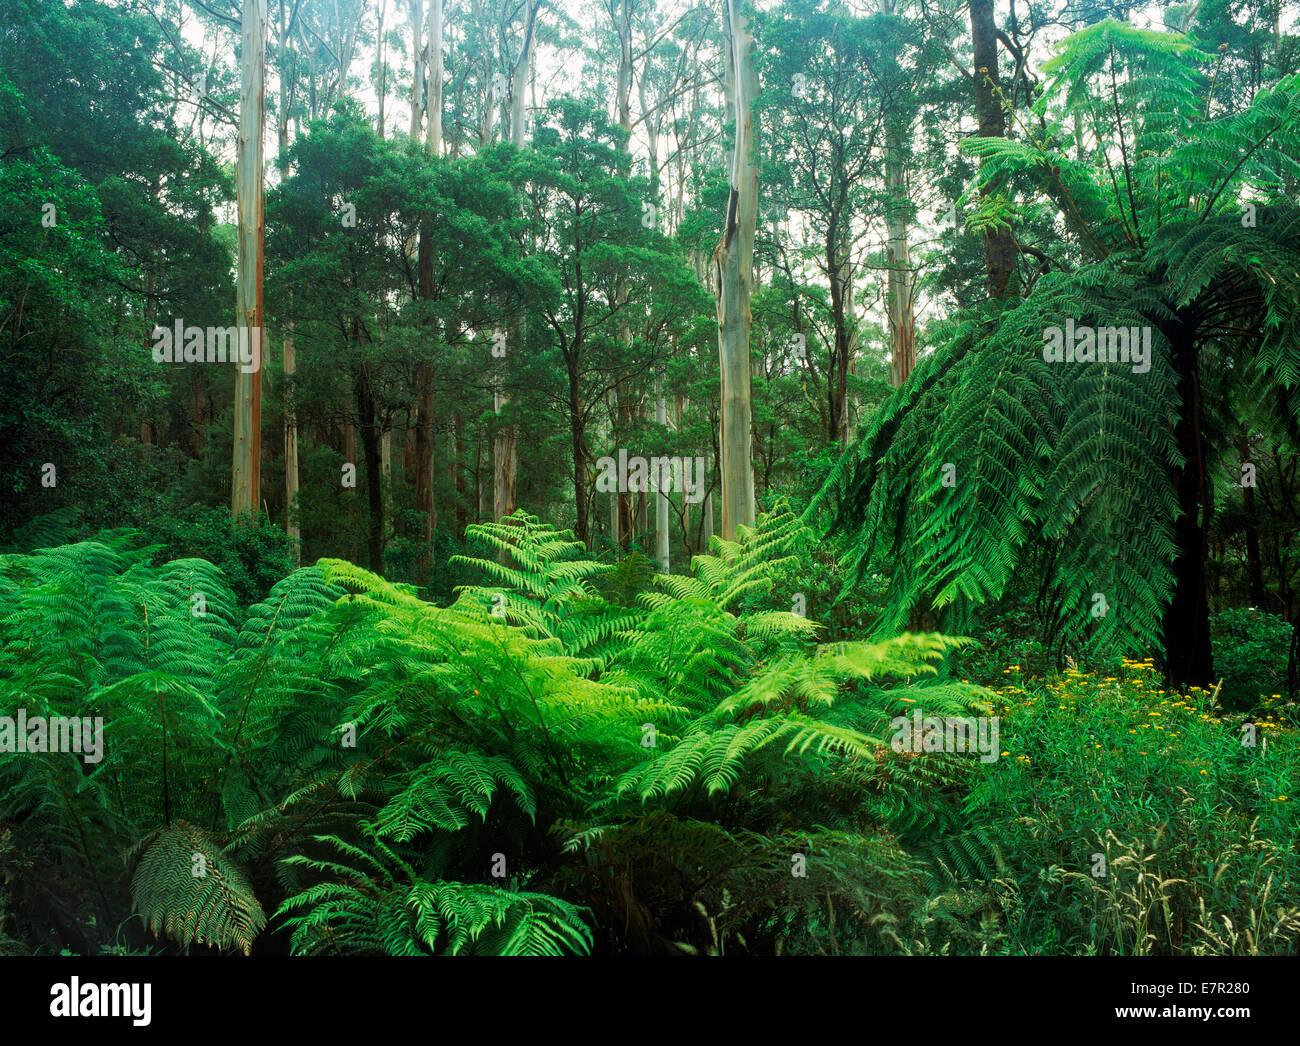 Swamp Gum (Eucalyptus regnans) in Tasmania, Australia - Stock Image